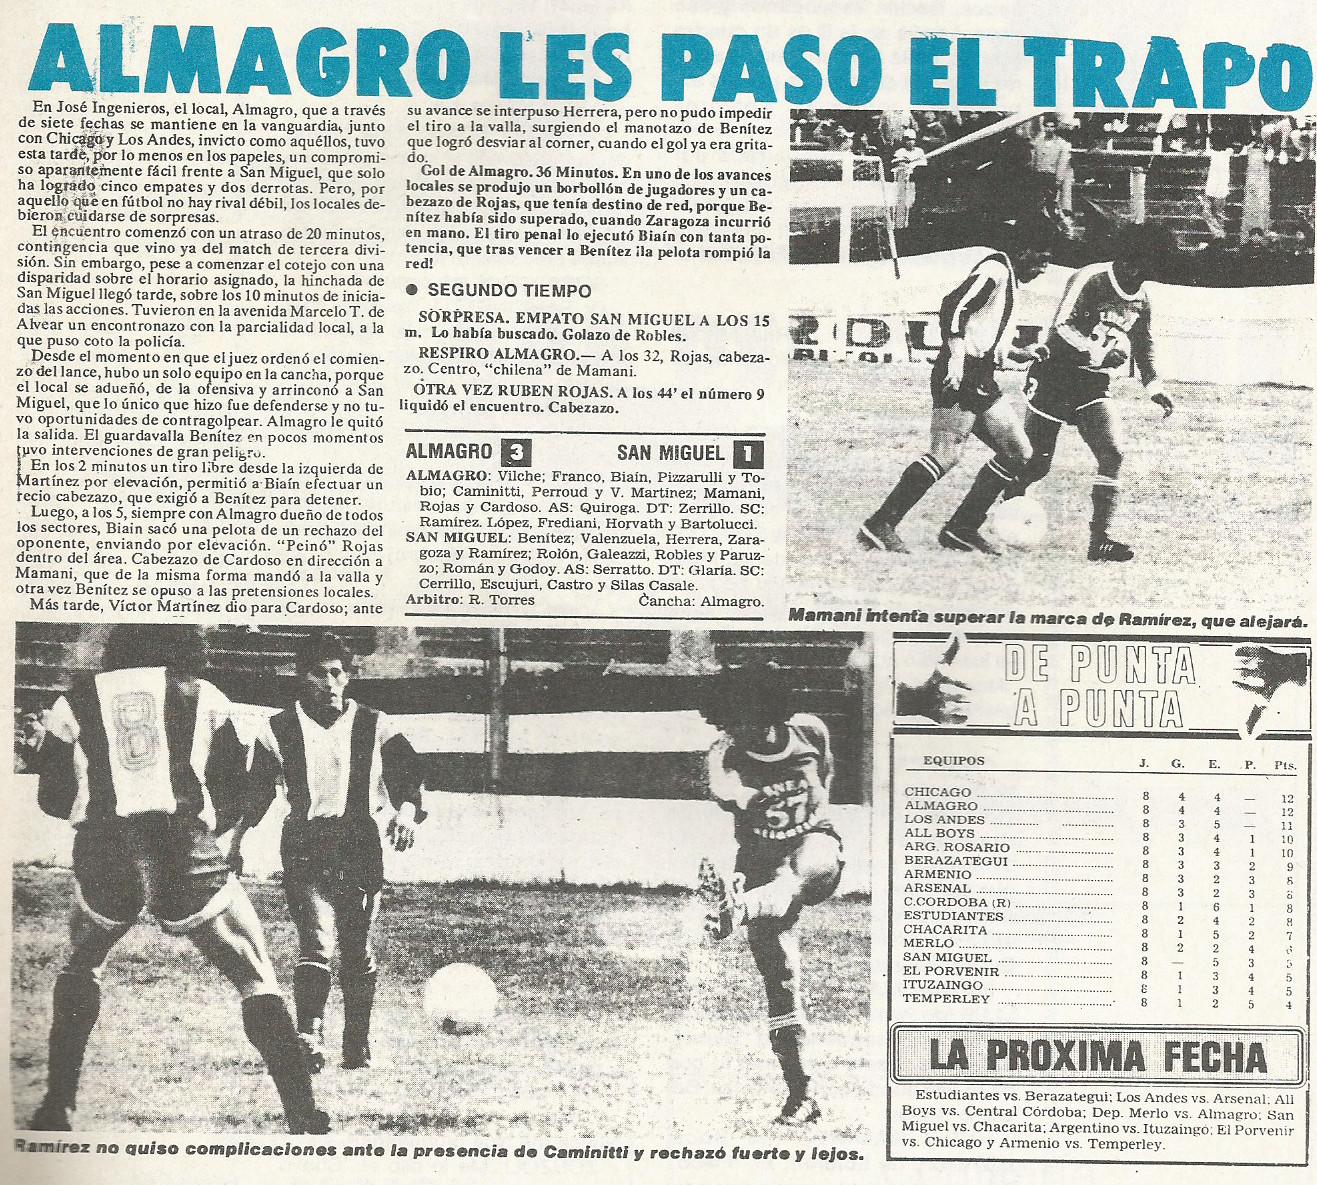 1990 - almagro vs san miguel